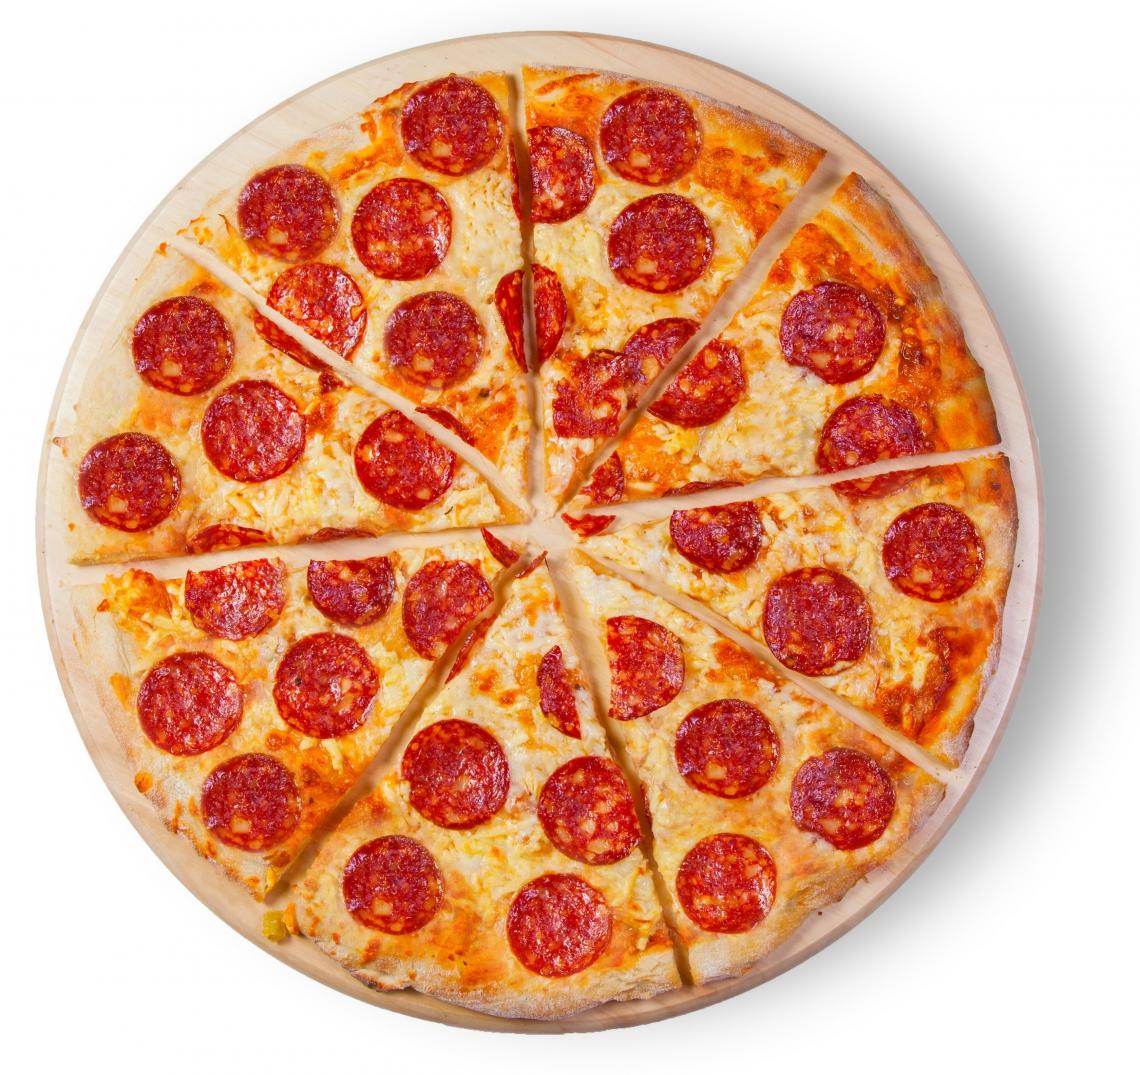 O Dia da Pizza é comemorado nesta quarta-feira, dia 10.